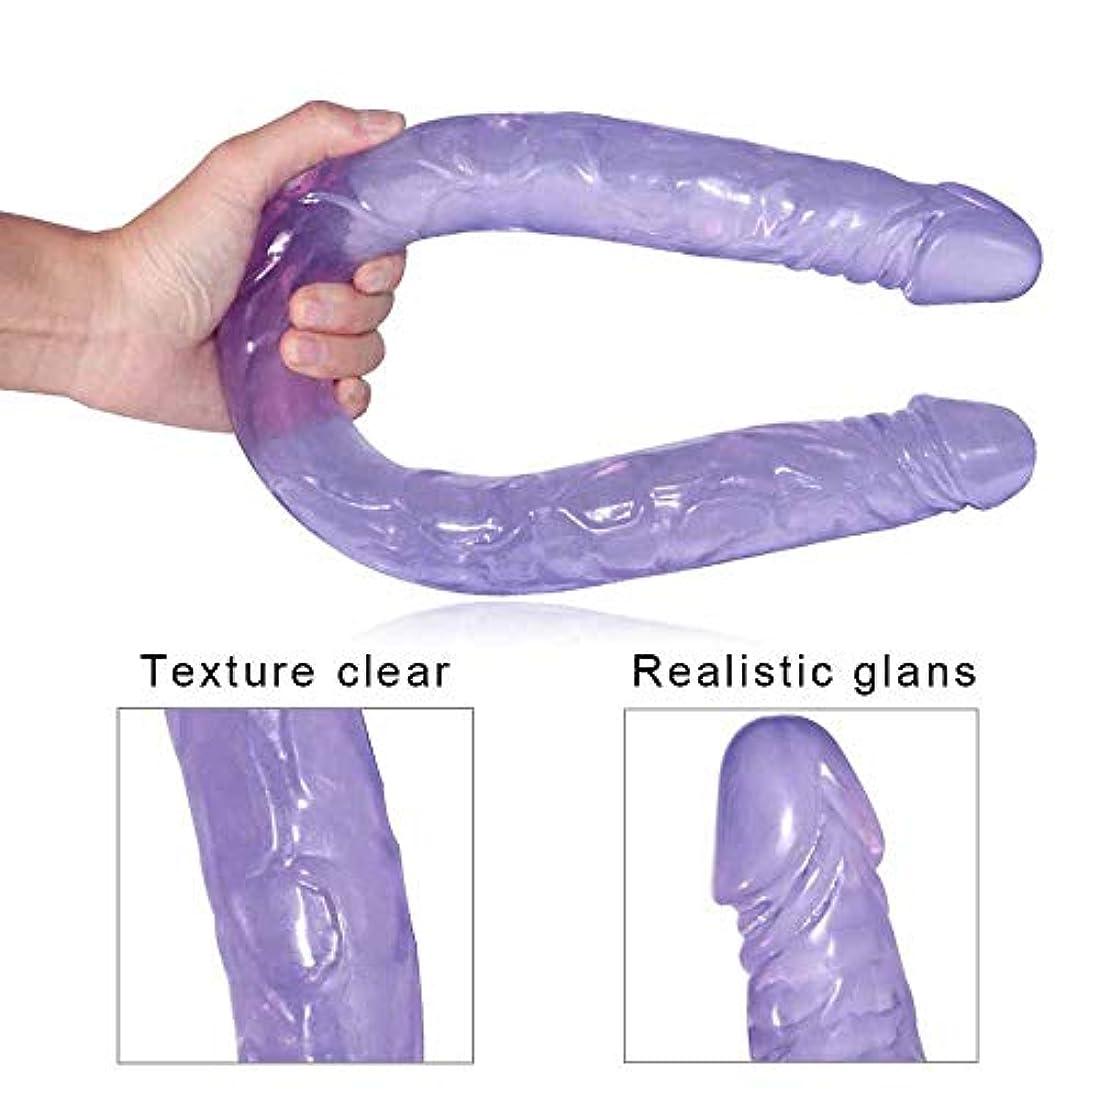 縫うために怖いペニス 21.65インチの長い両端は女性の健康材料のための女性の個人的な防水マッサージの杖に向かいました マッサージャー